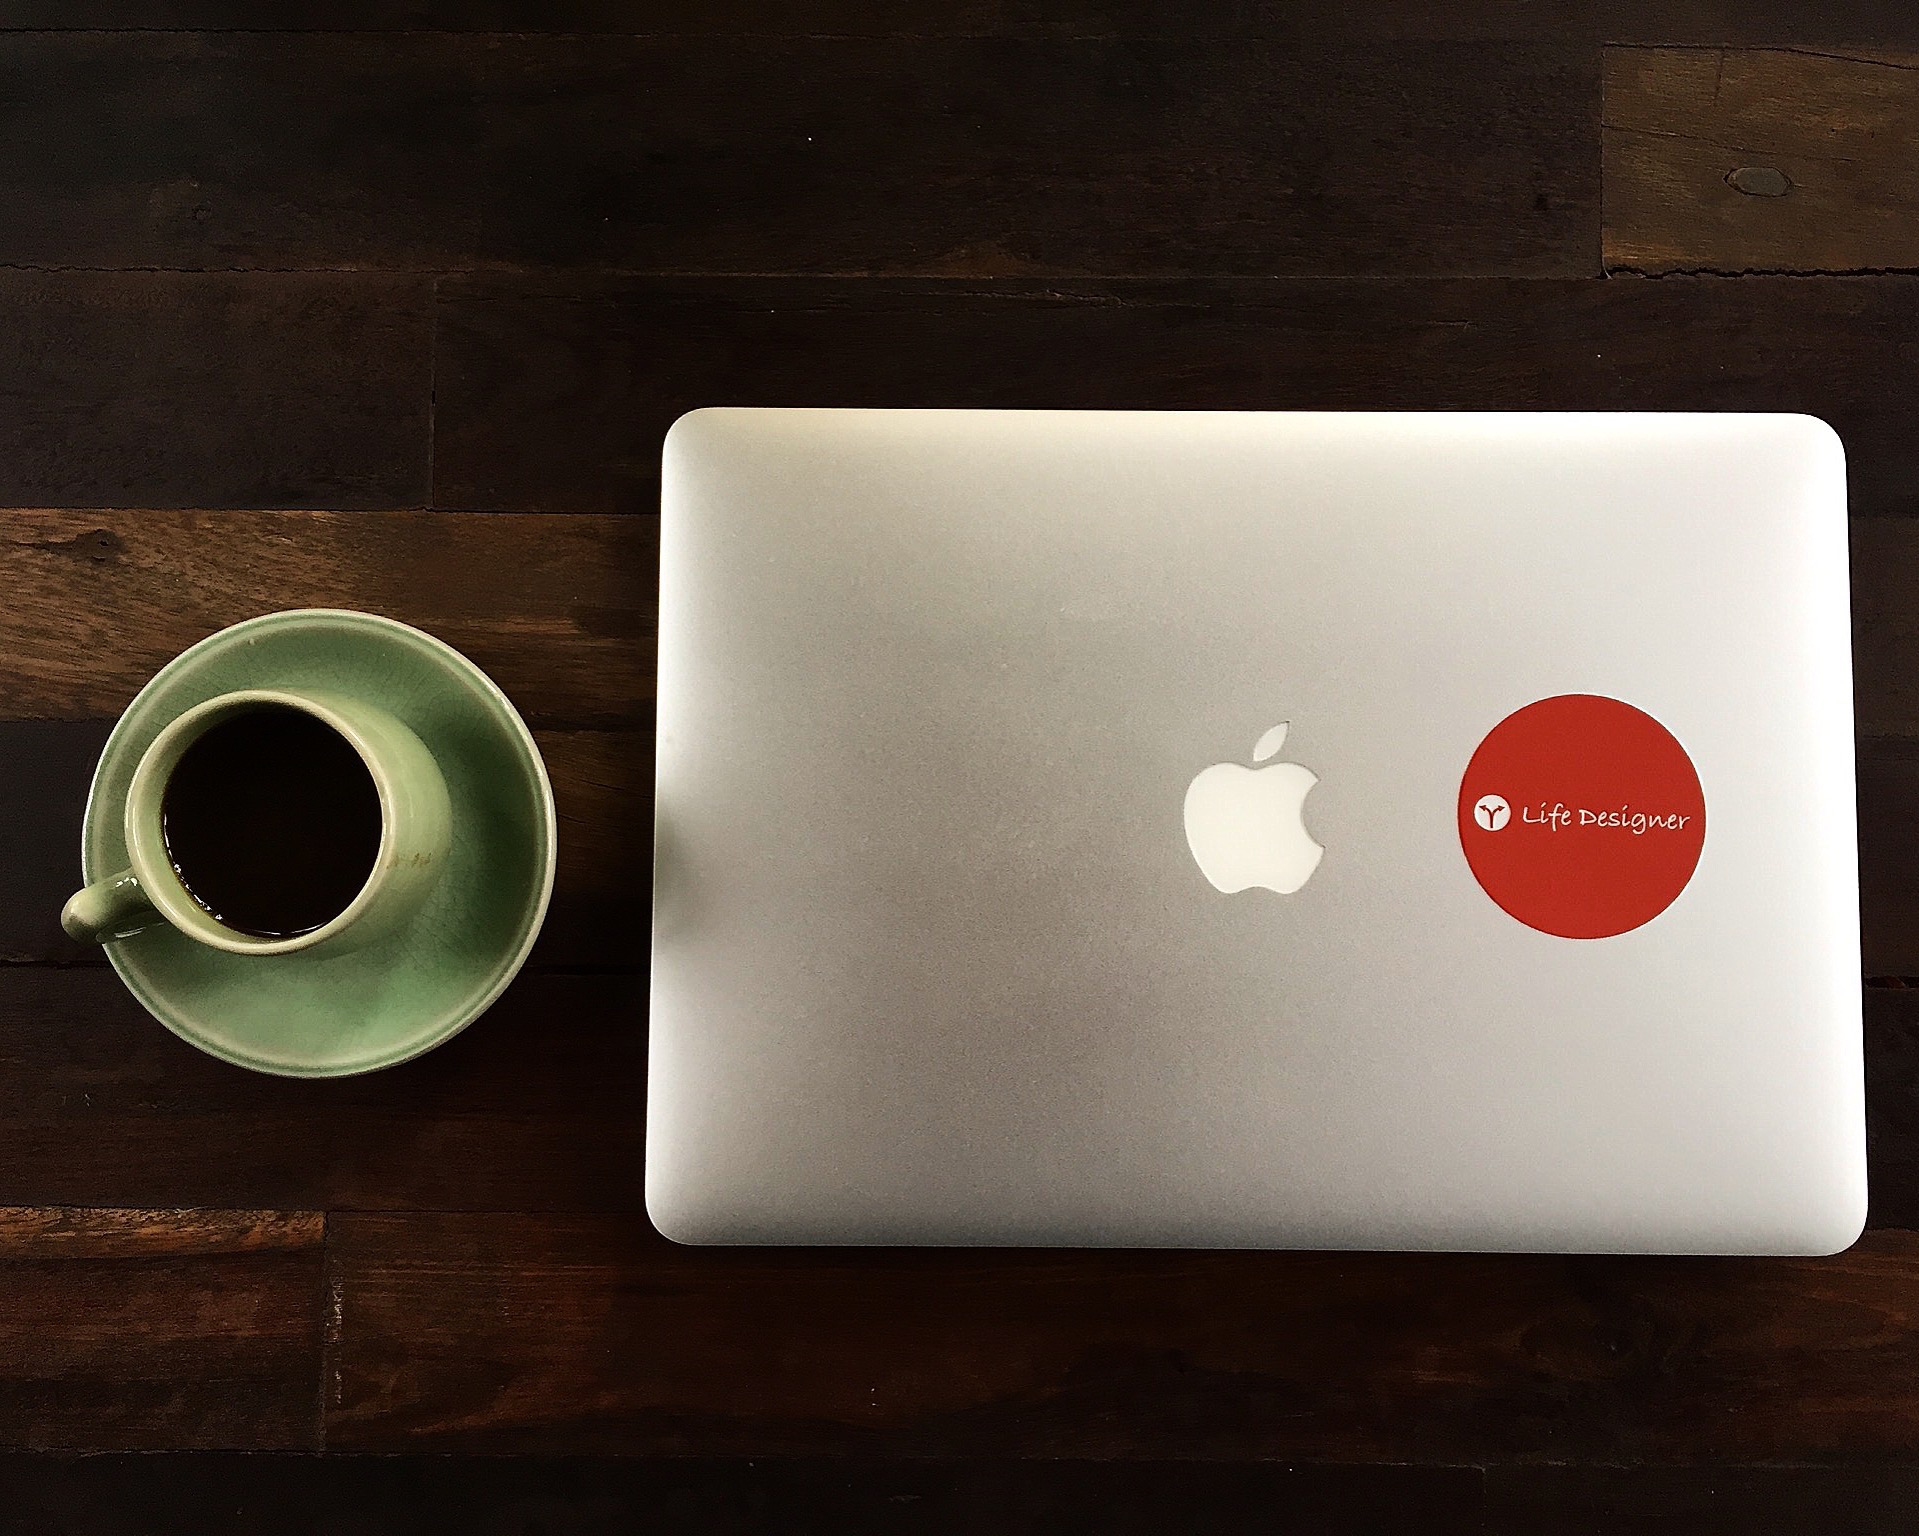 コワーキングってカフェで作業するのと何が違うの?